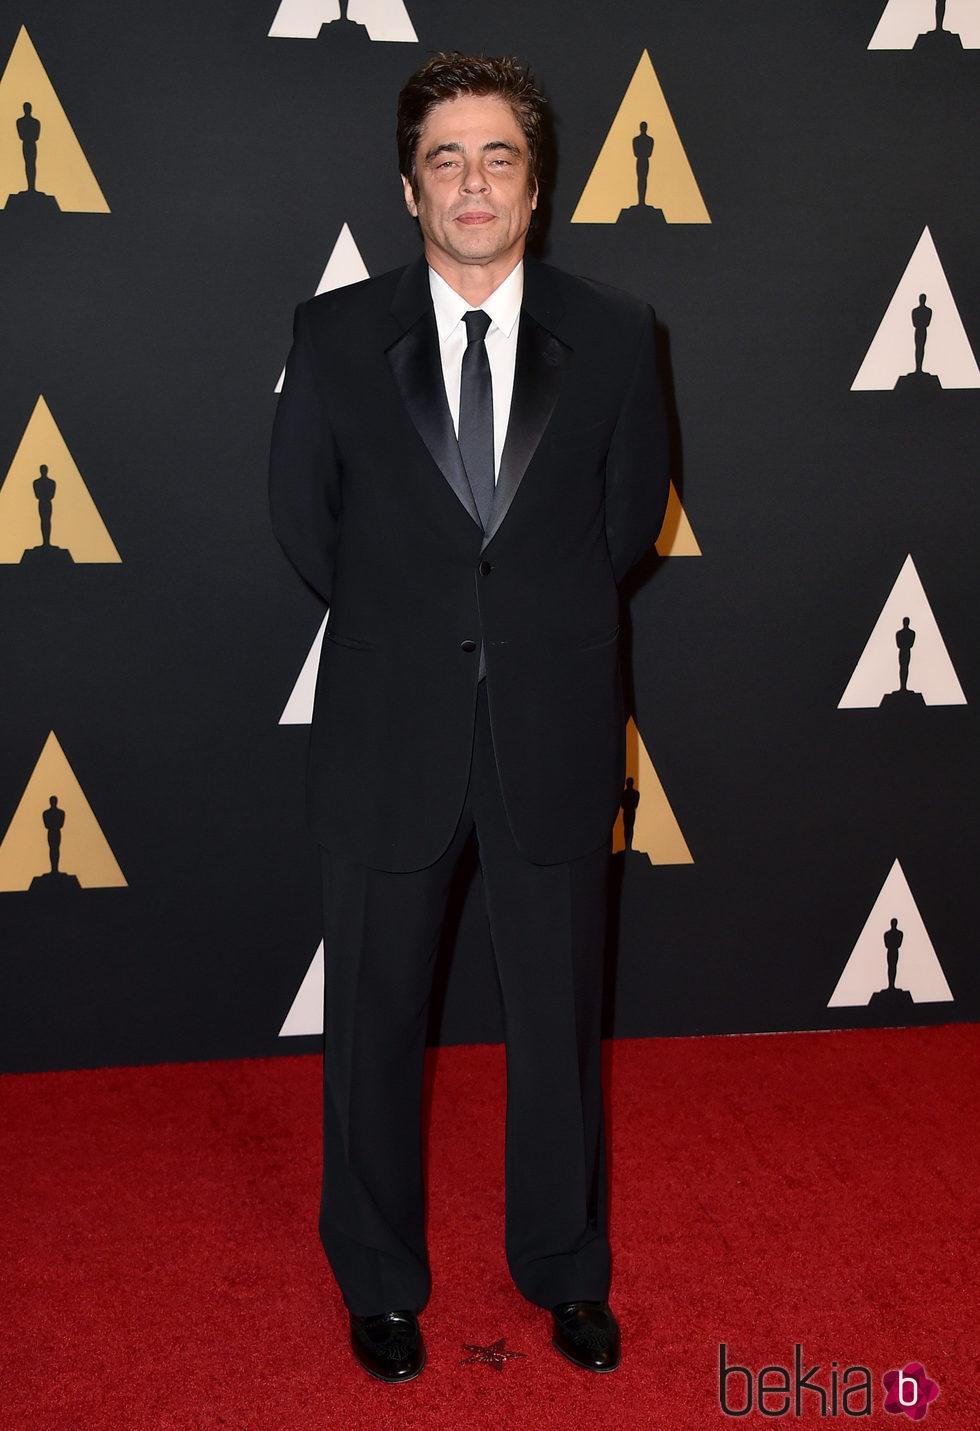 Benicio del Toro en los Governors Awards 2015